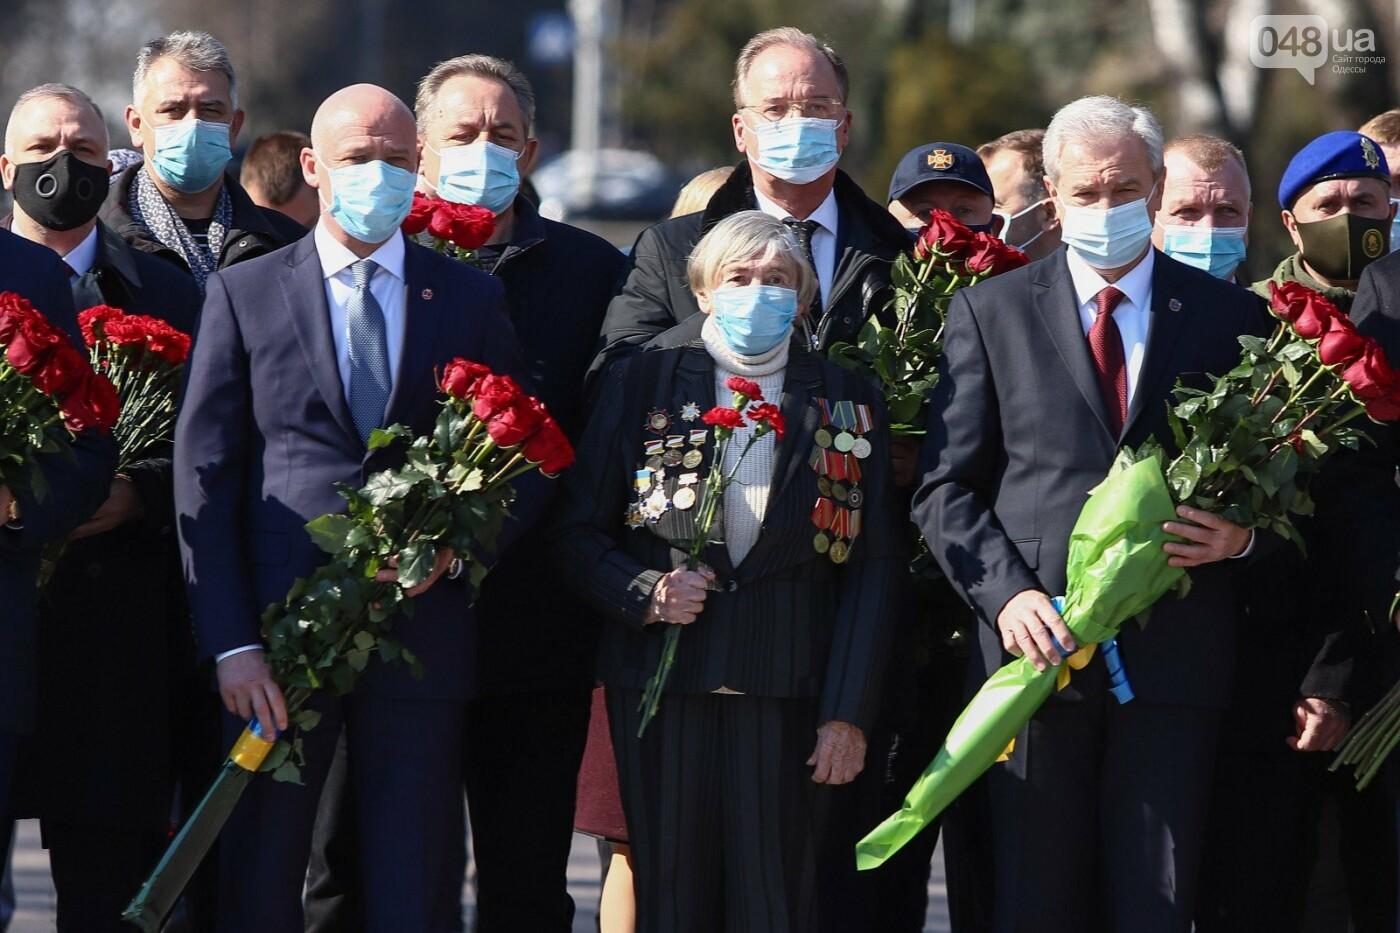 В День Освобождения Одессы возложили цветы к монументам боевой славы, - ФОТОРЕПОРТАЖ, фото-16